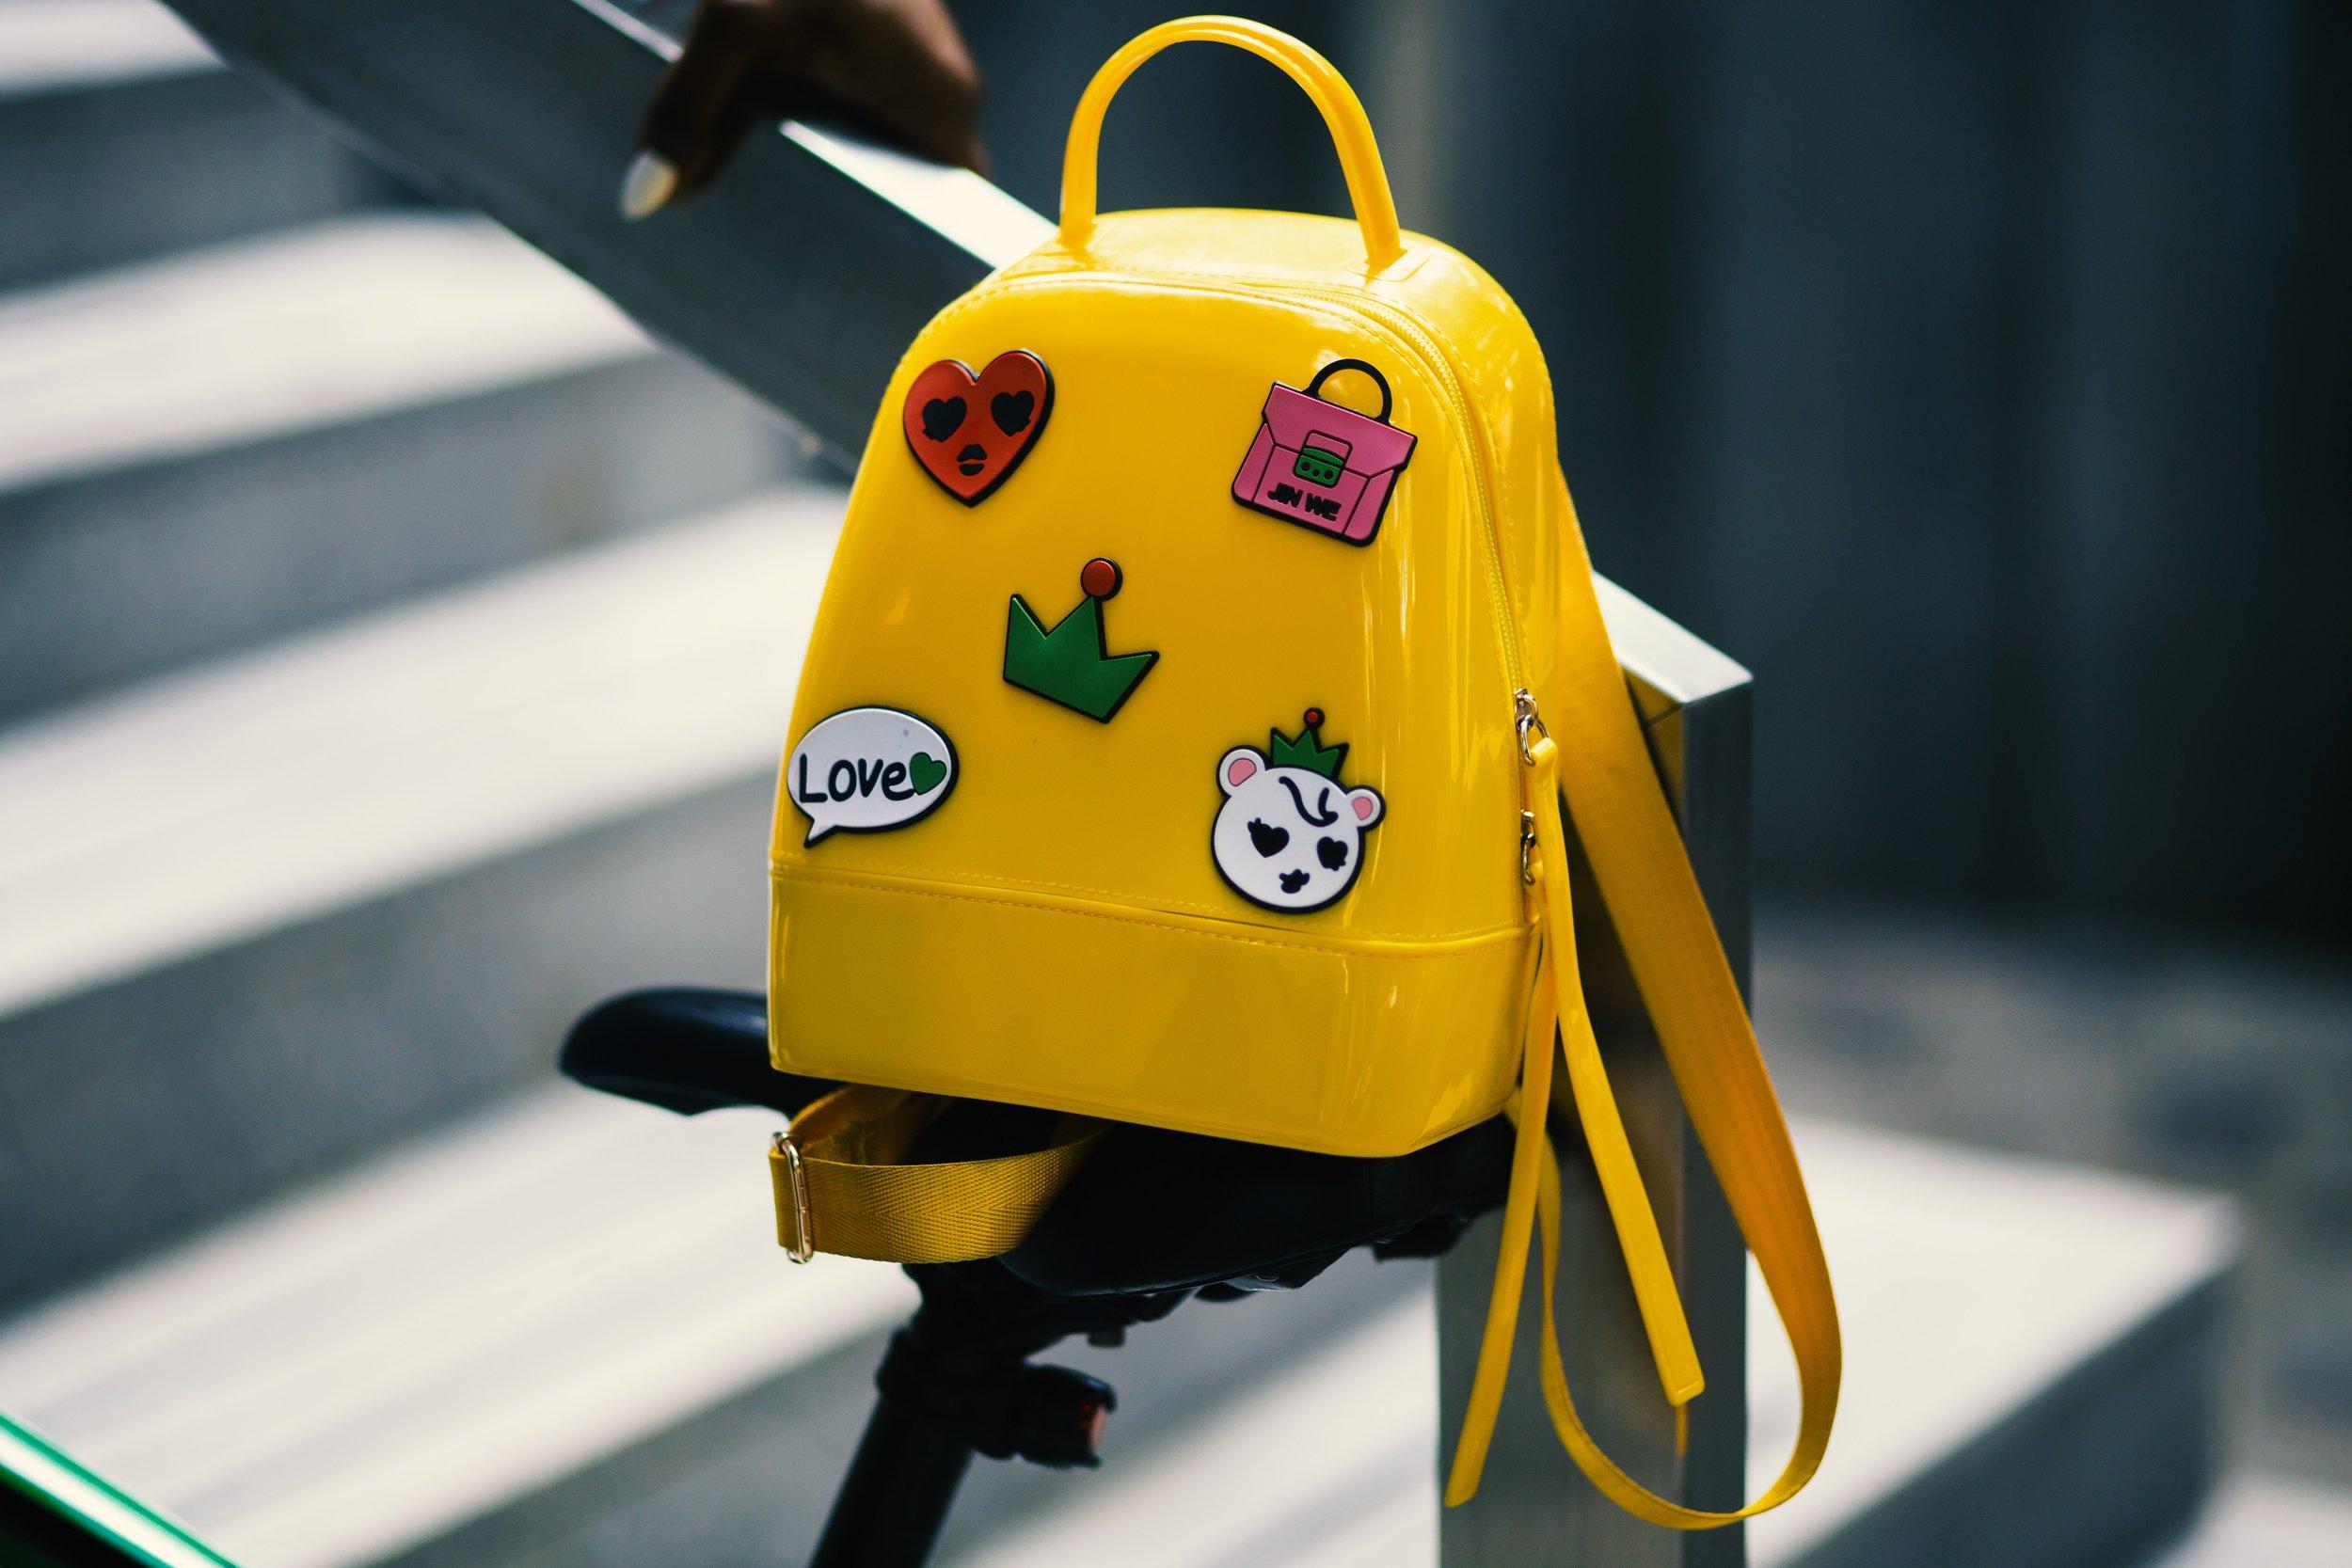 backpack-bag-bags-934673 (1).jpg